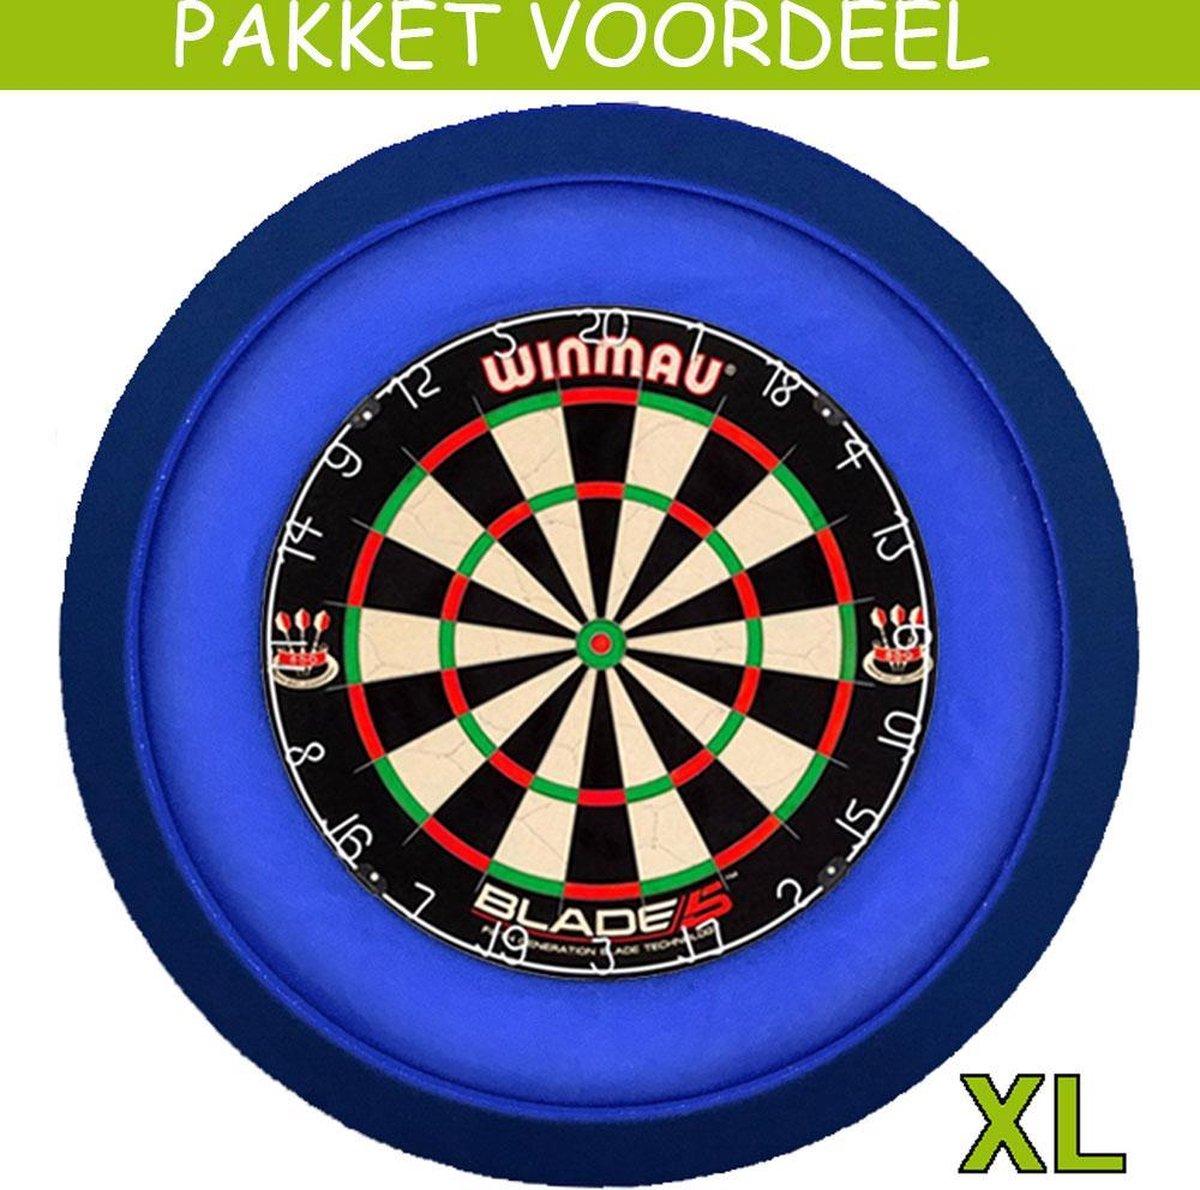 Dartbord met Verlichting Voordeelpakket (Blauw) + Blade 5 + Lena DeLuxe XL